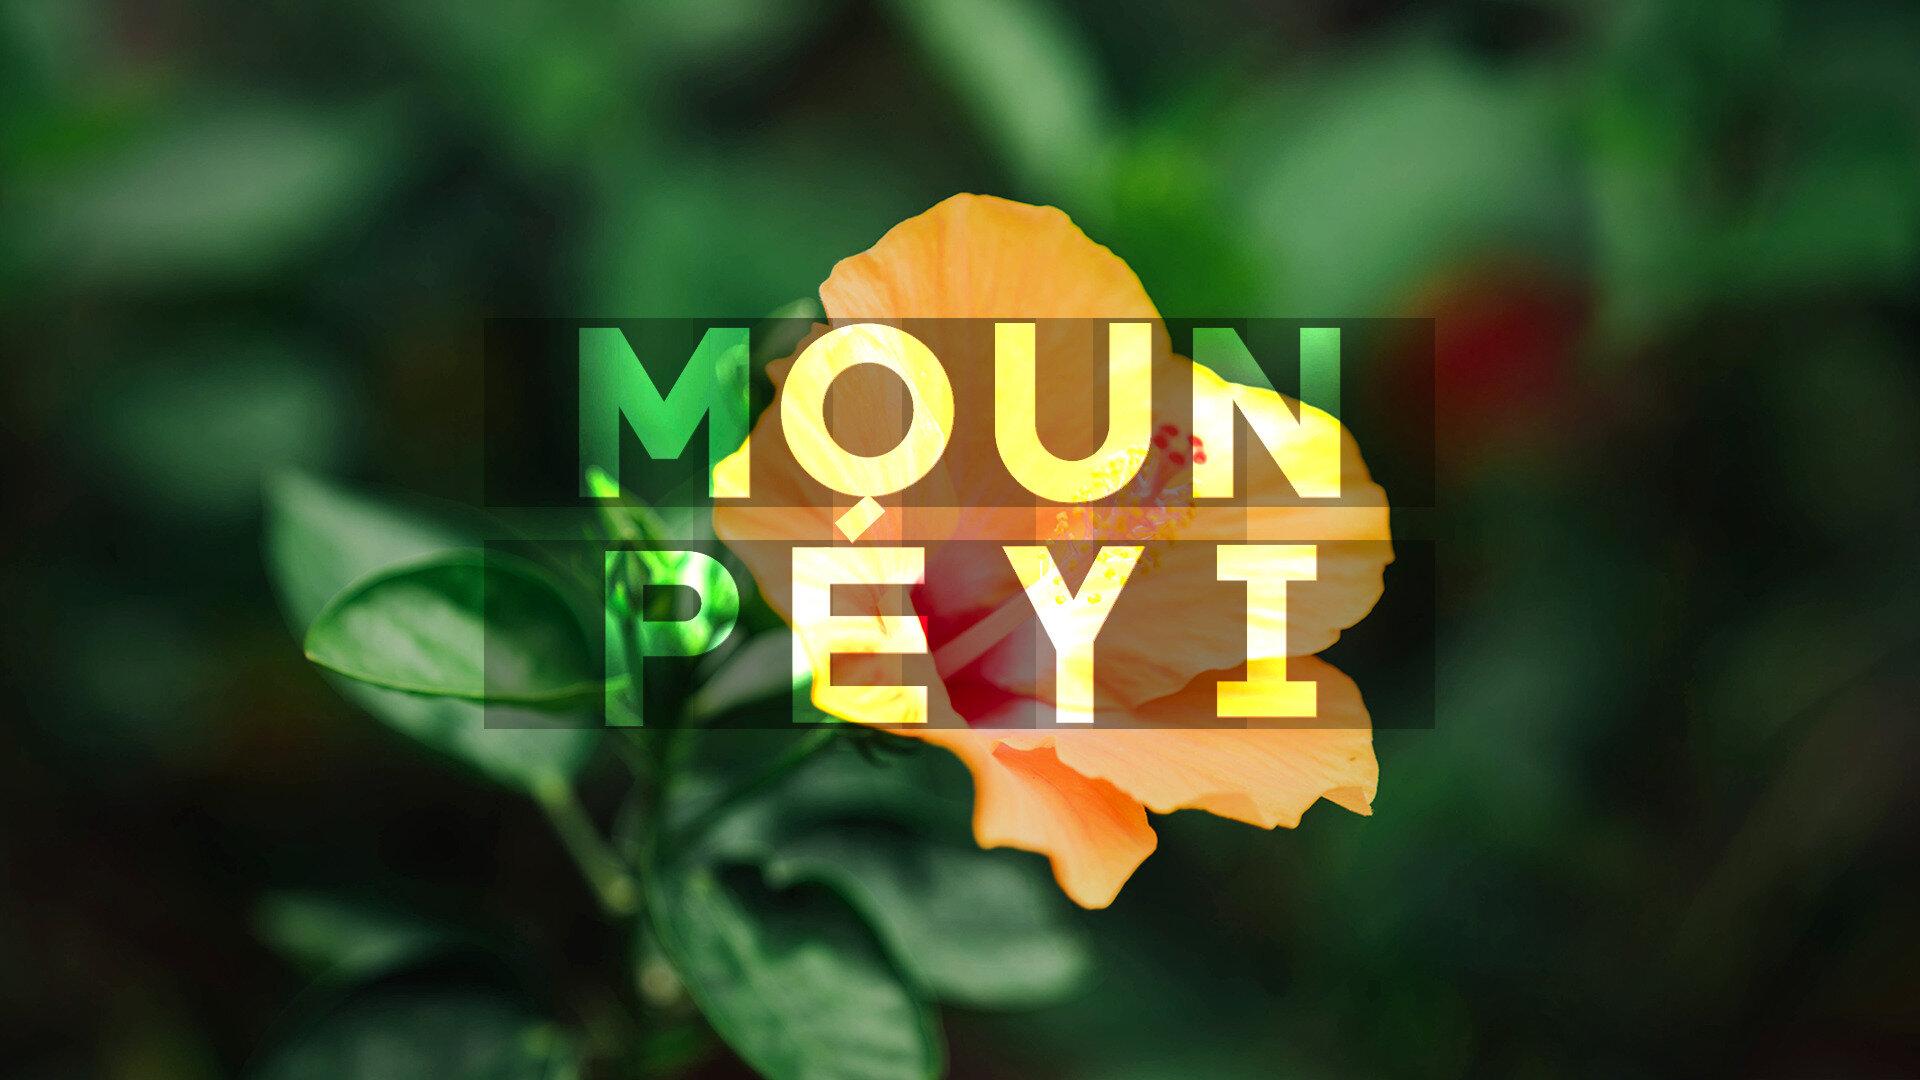 Moun péyi : Gai constable